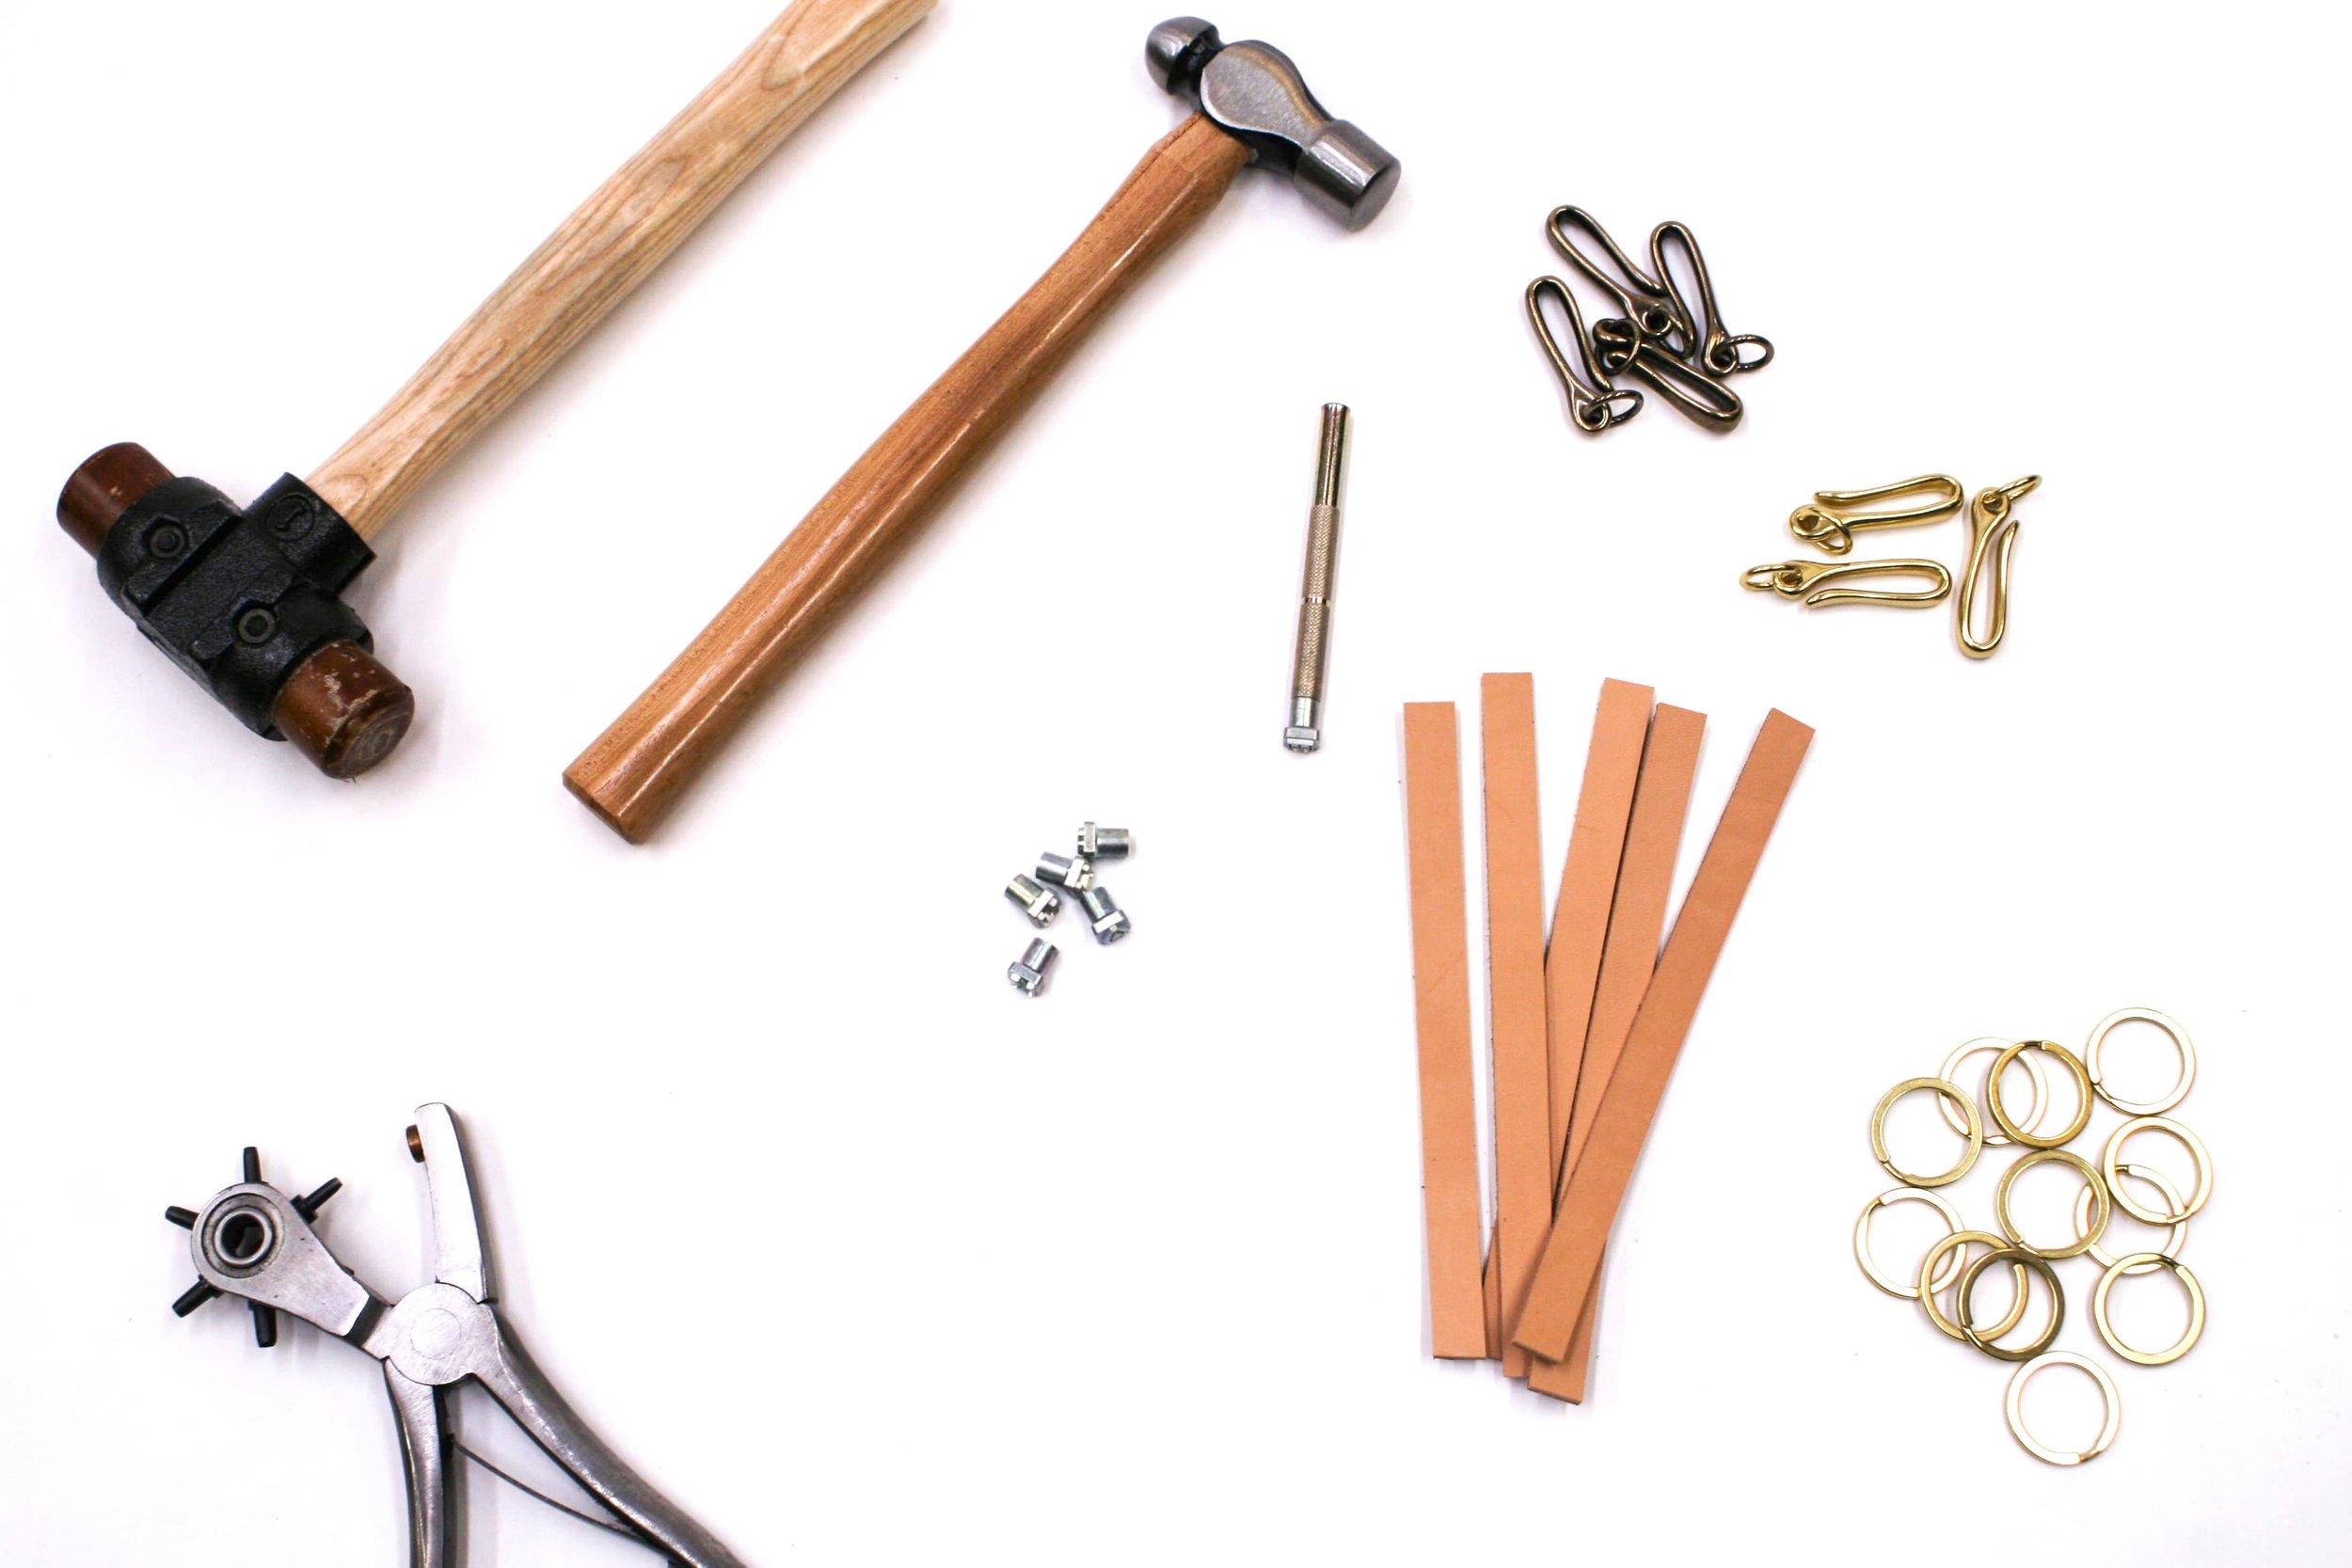 tools1-min.jpg